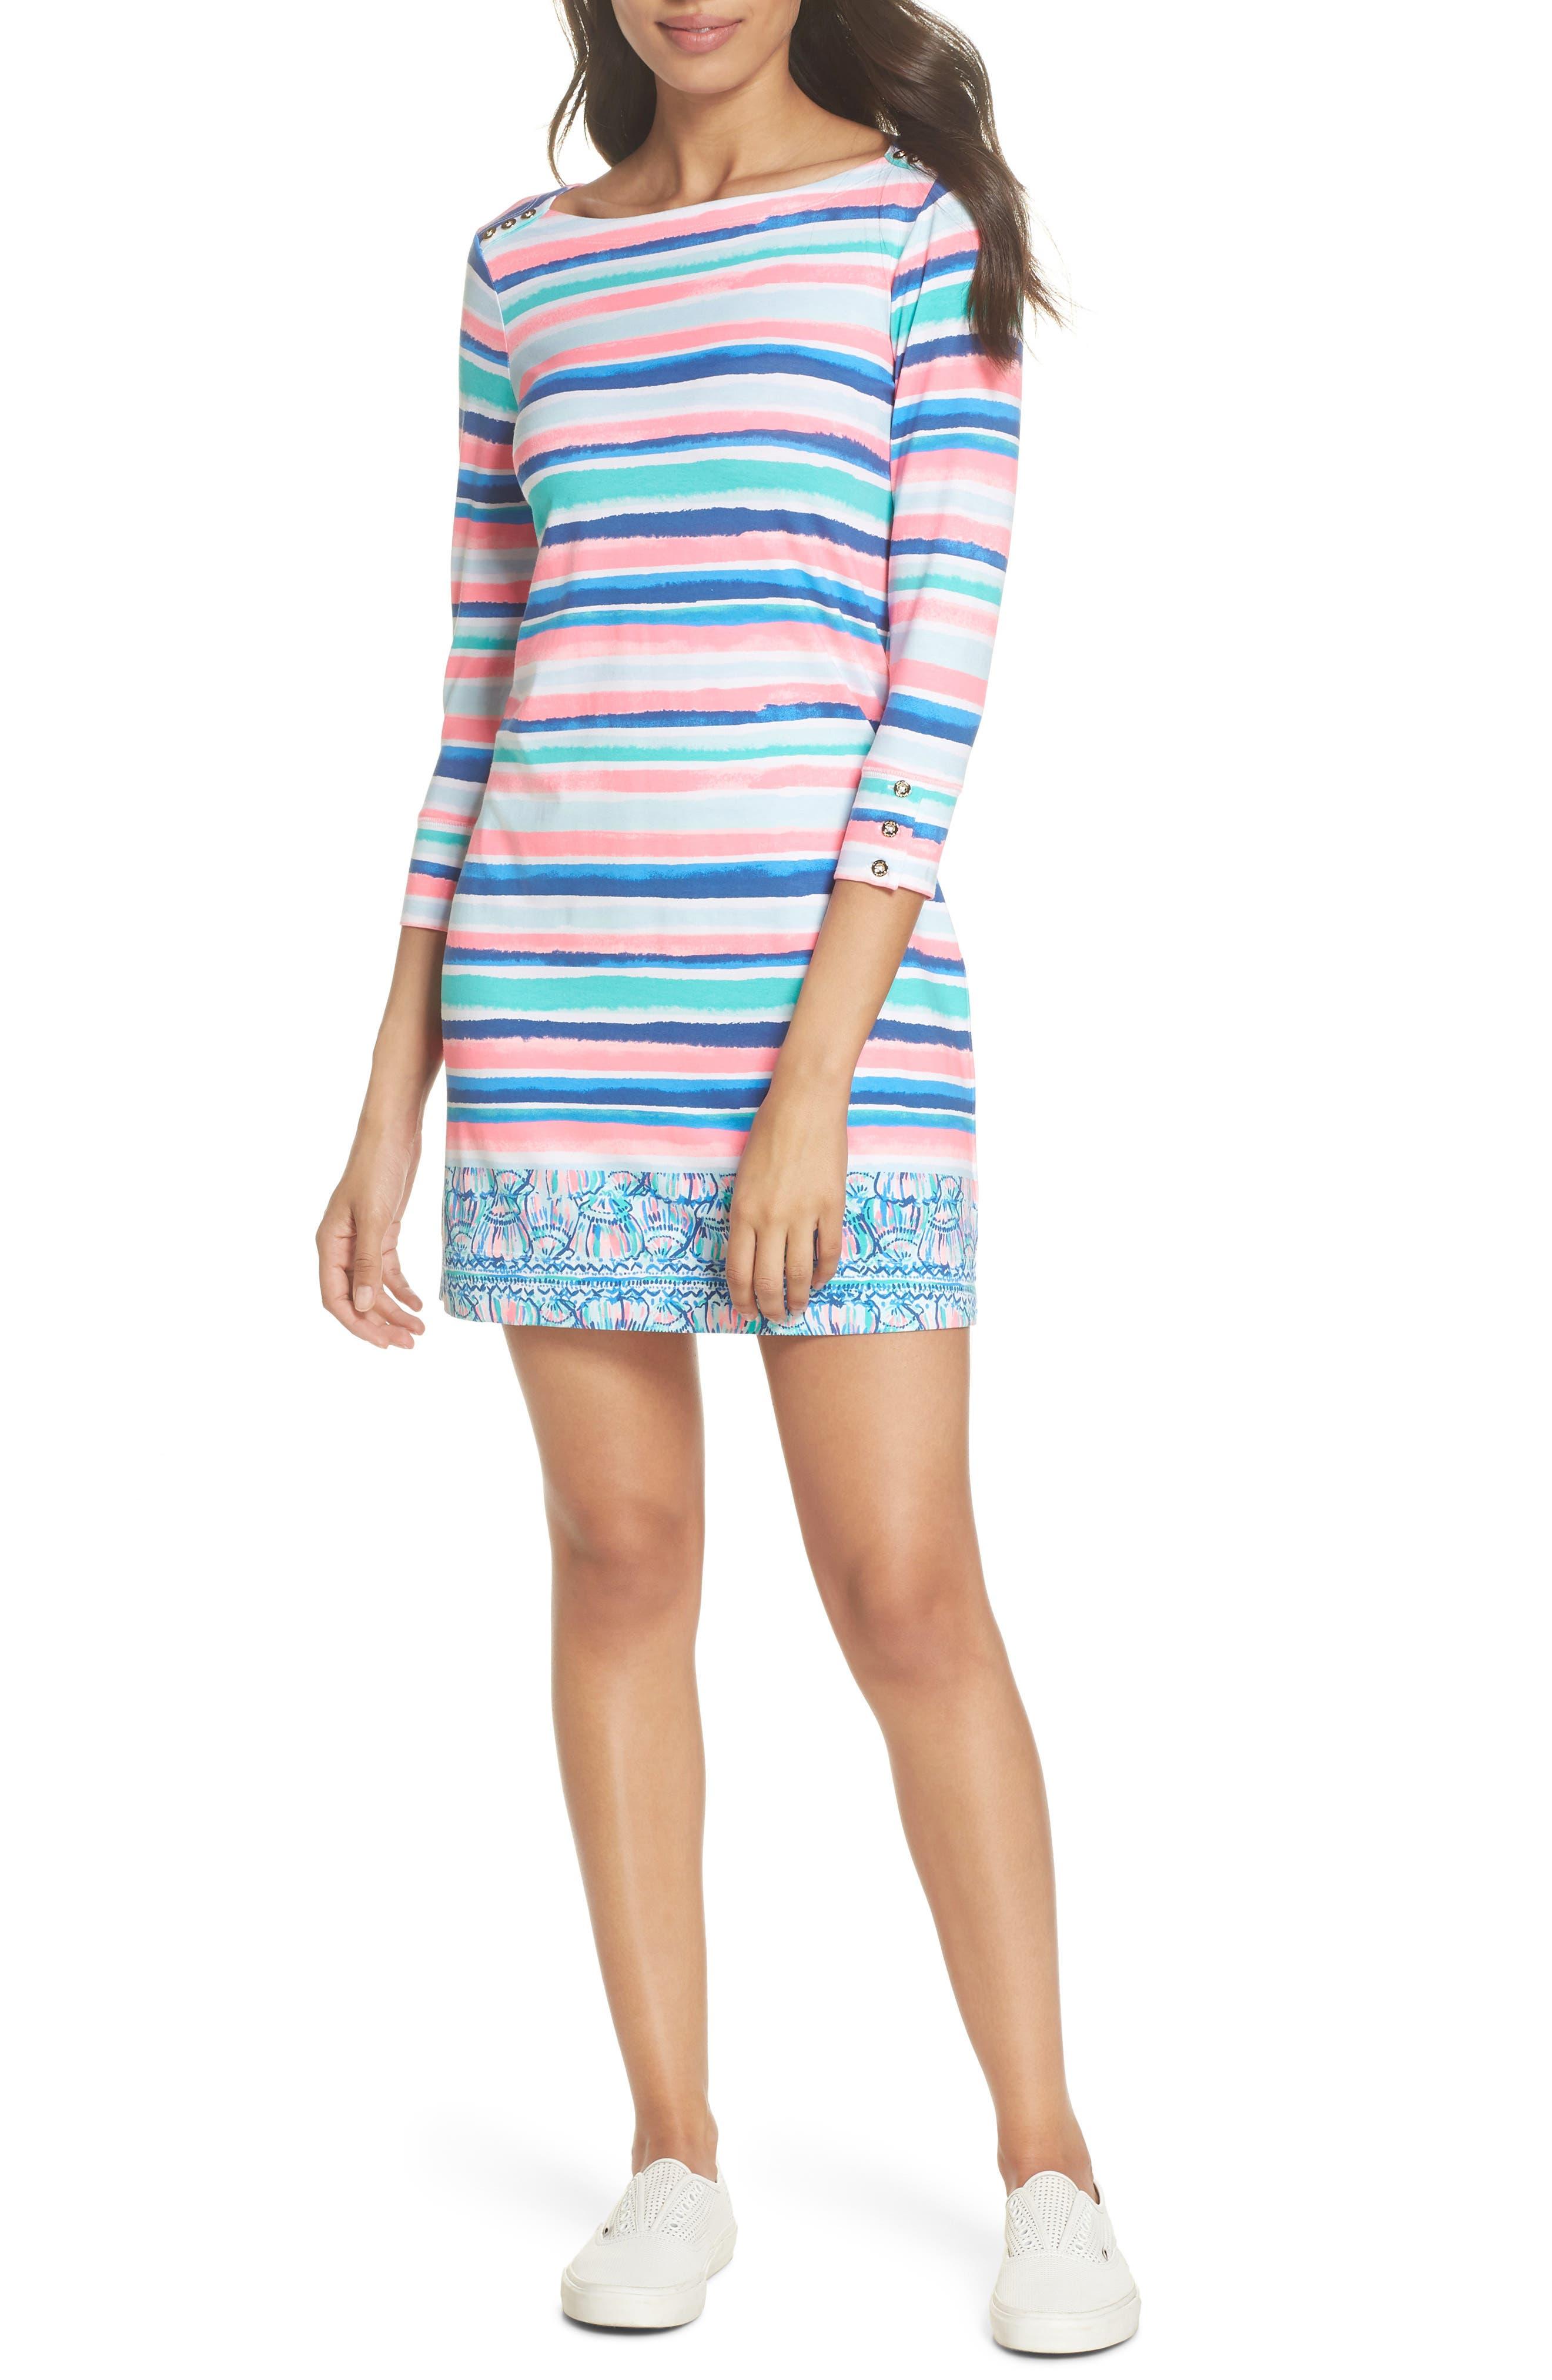 Sophie UPF 50+ Dress,                             Alternate thumbnail 6, color,                             MULTI SANDY SHELL STRIPE